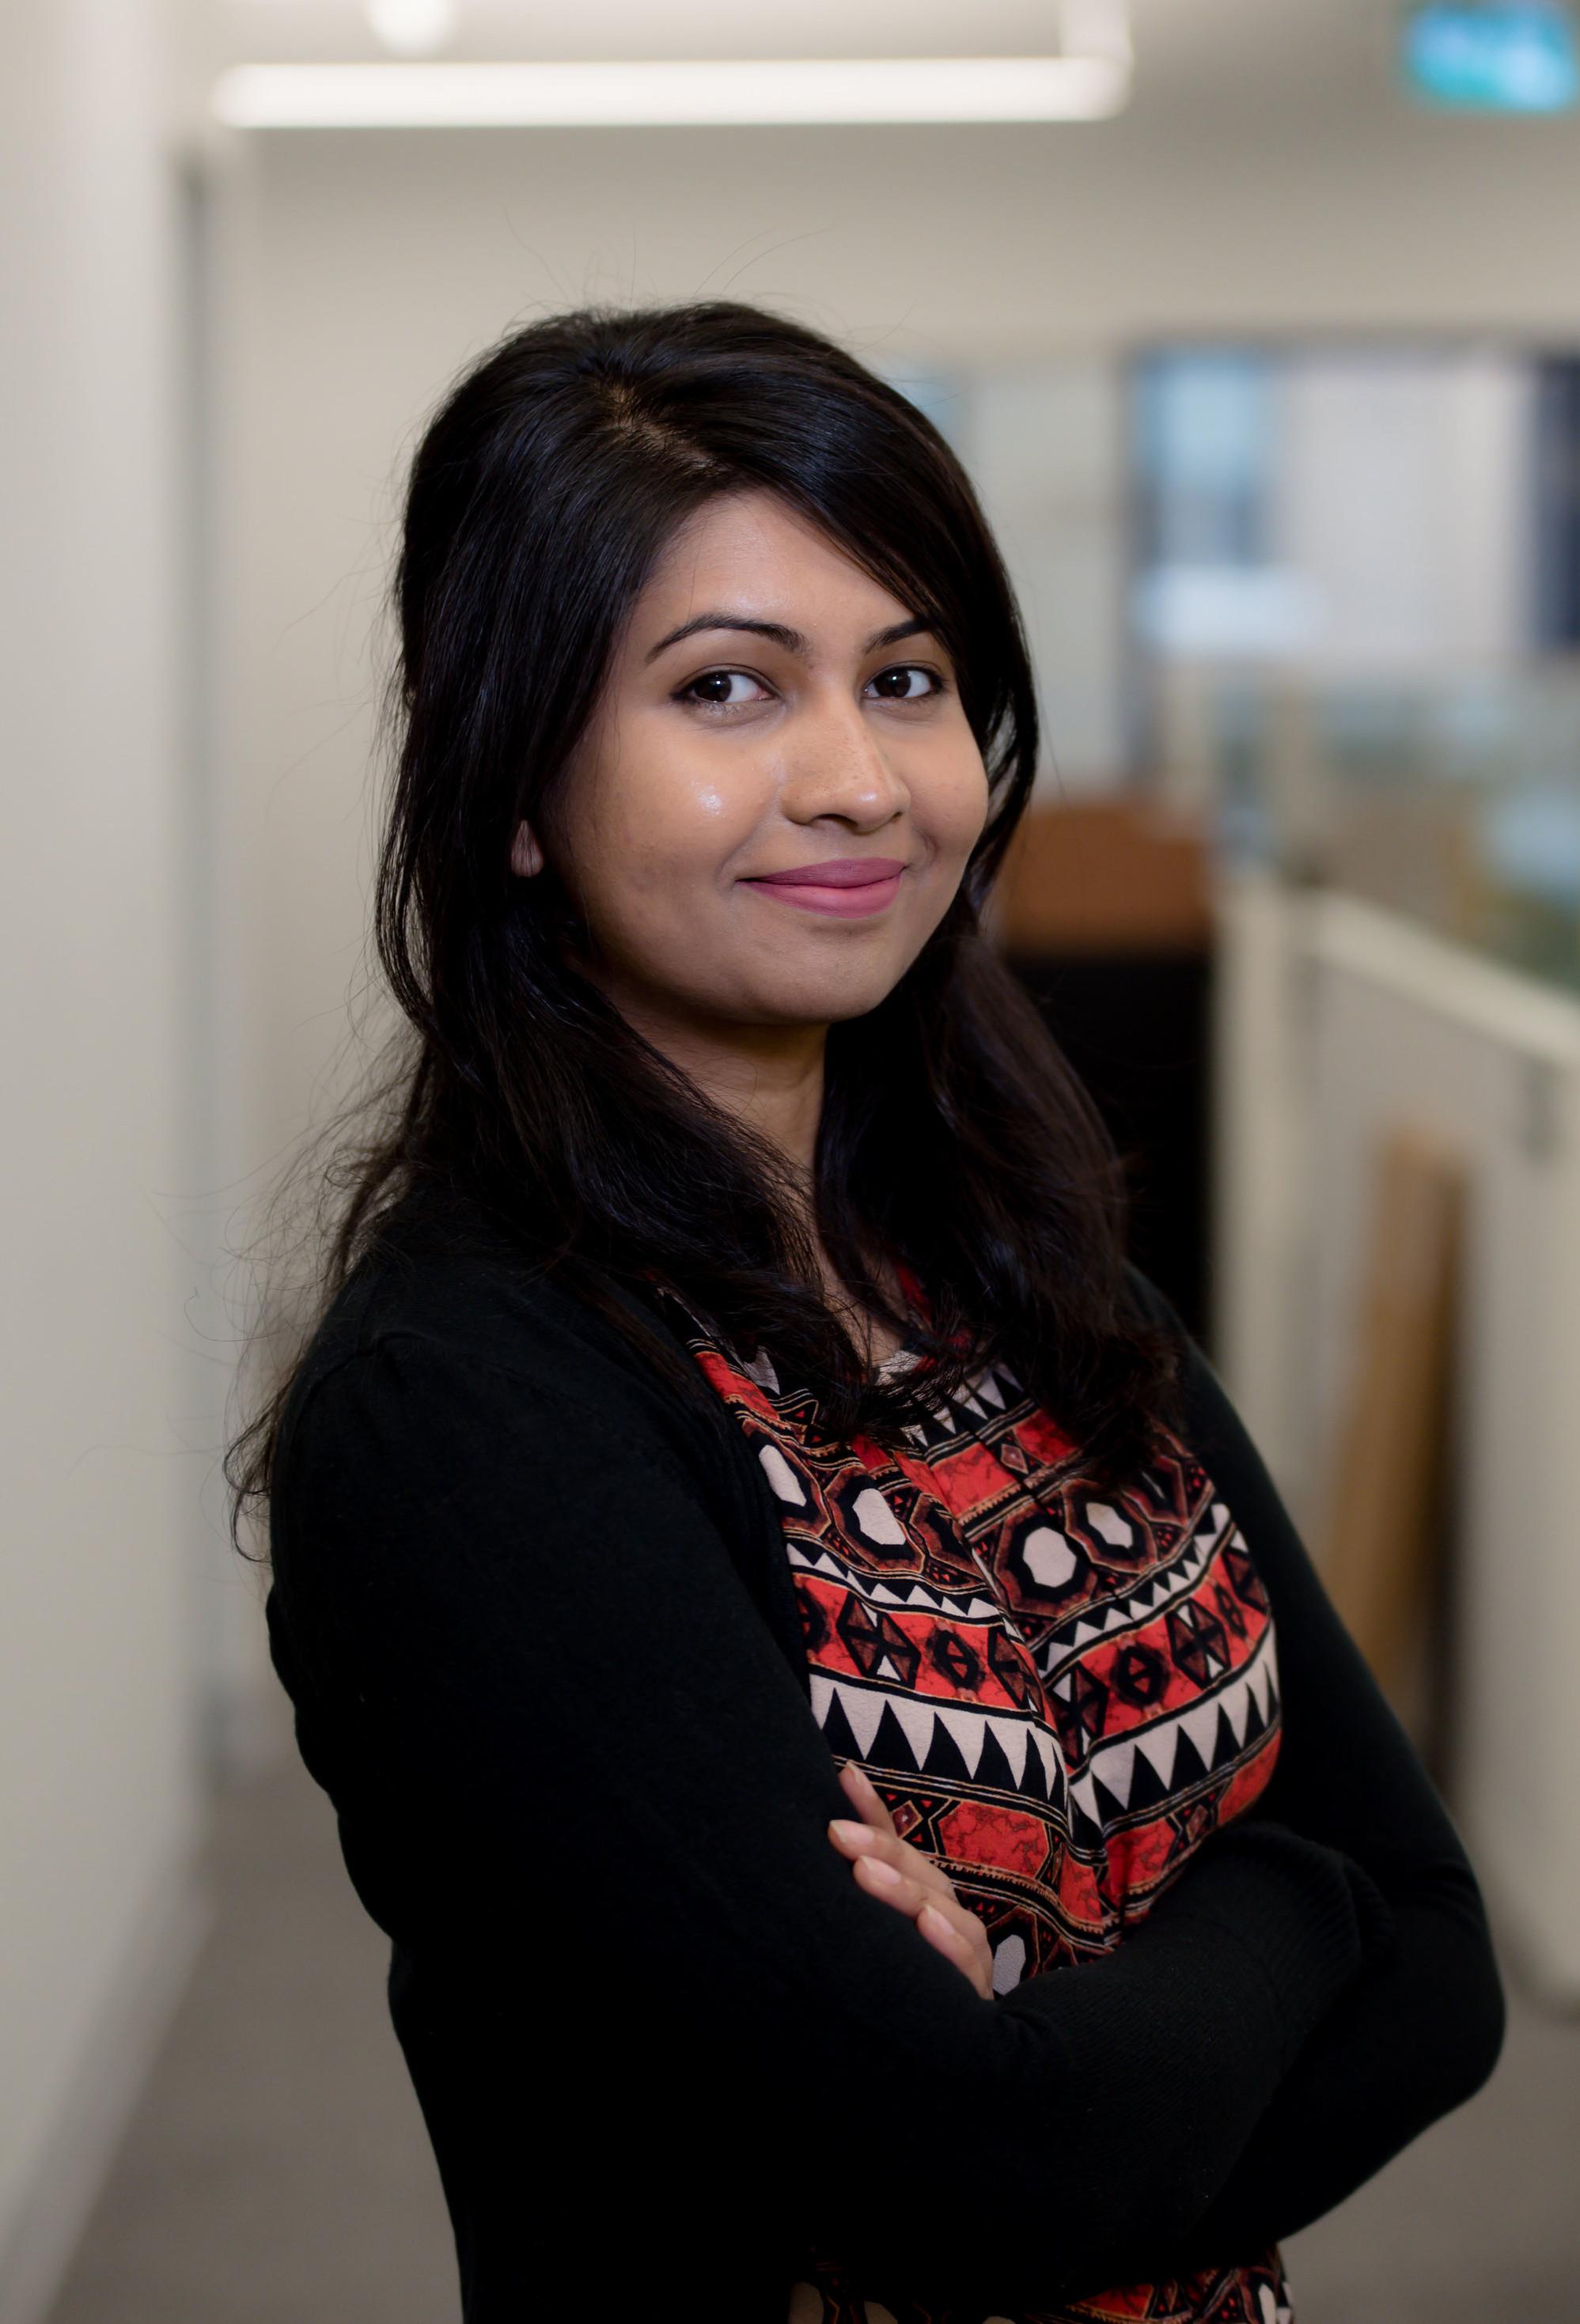 Radita Amreen